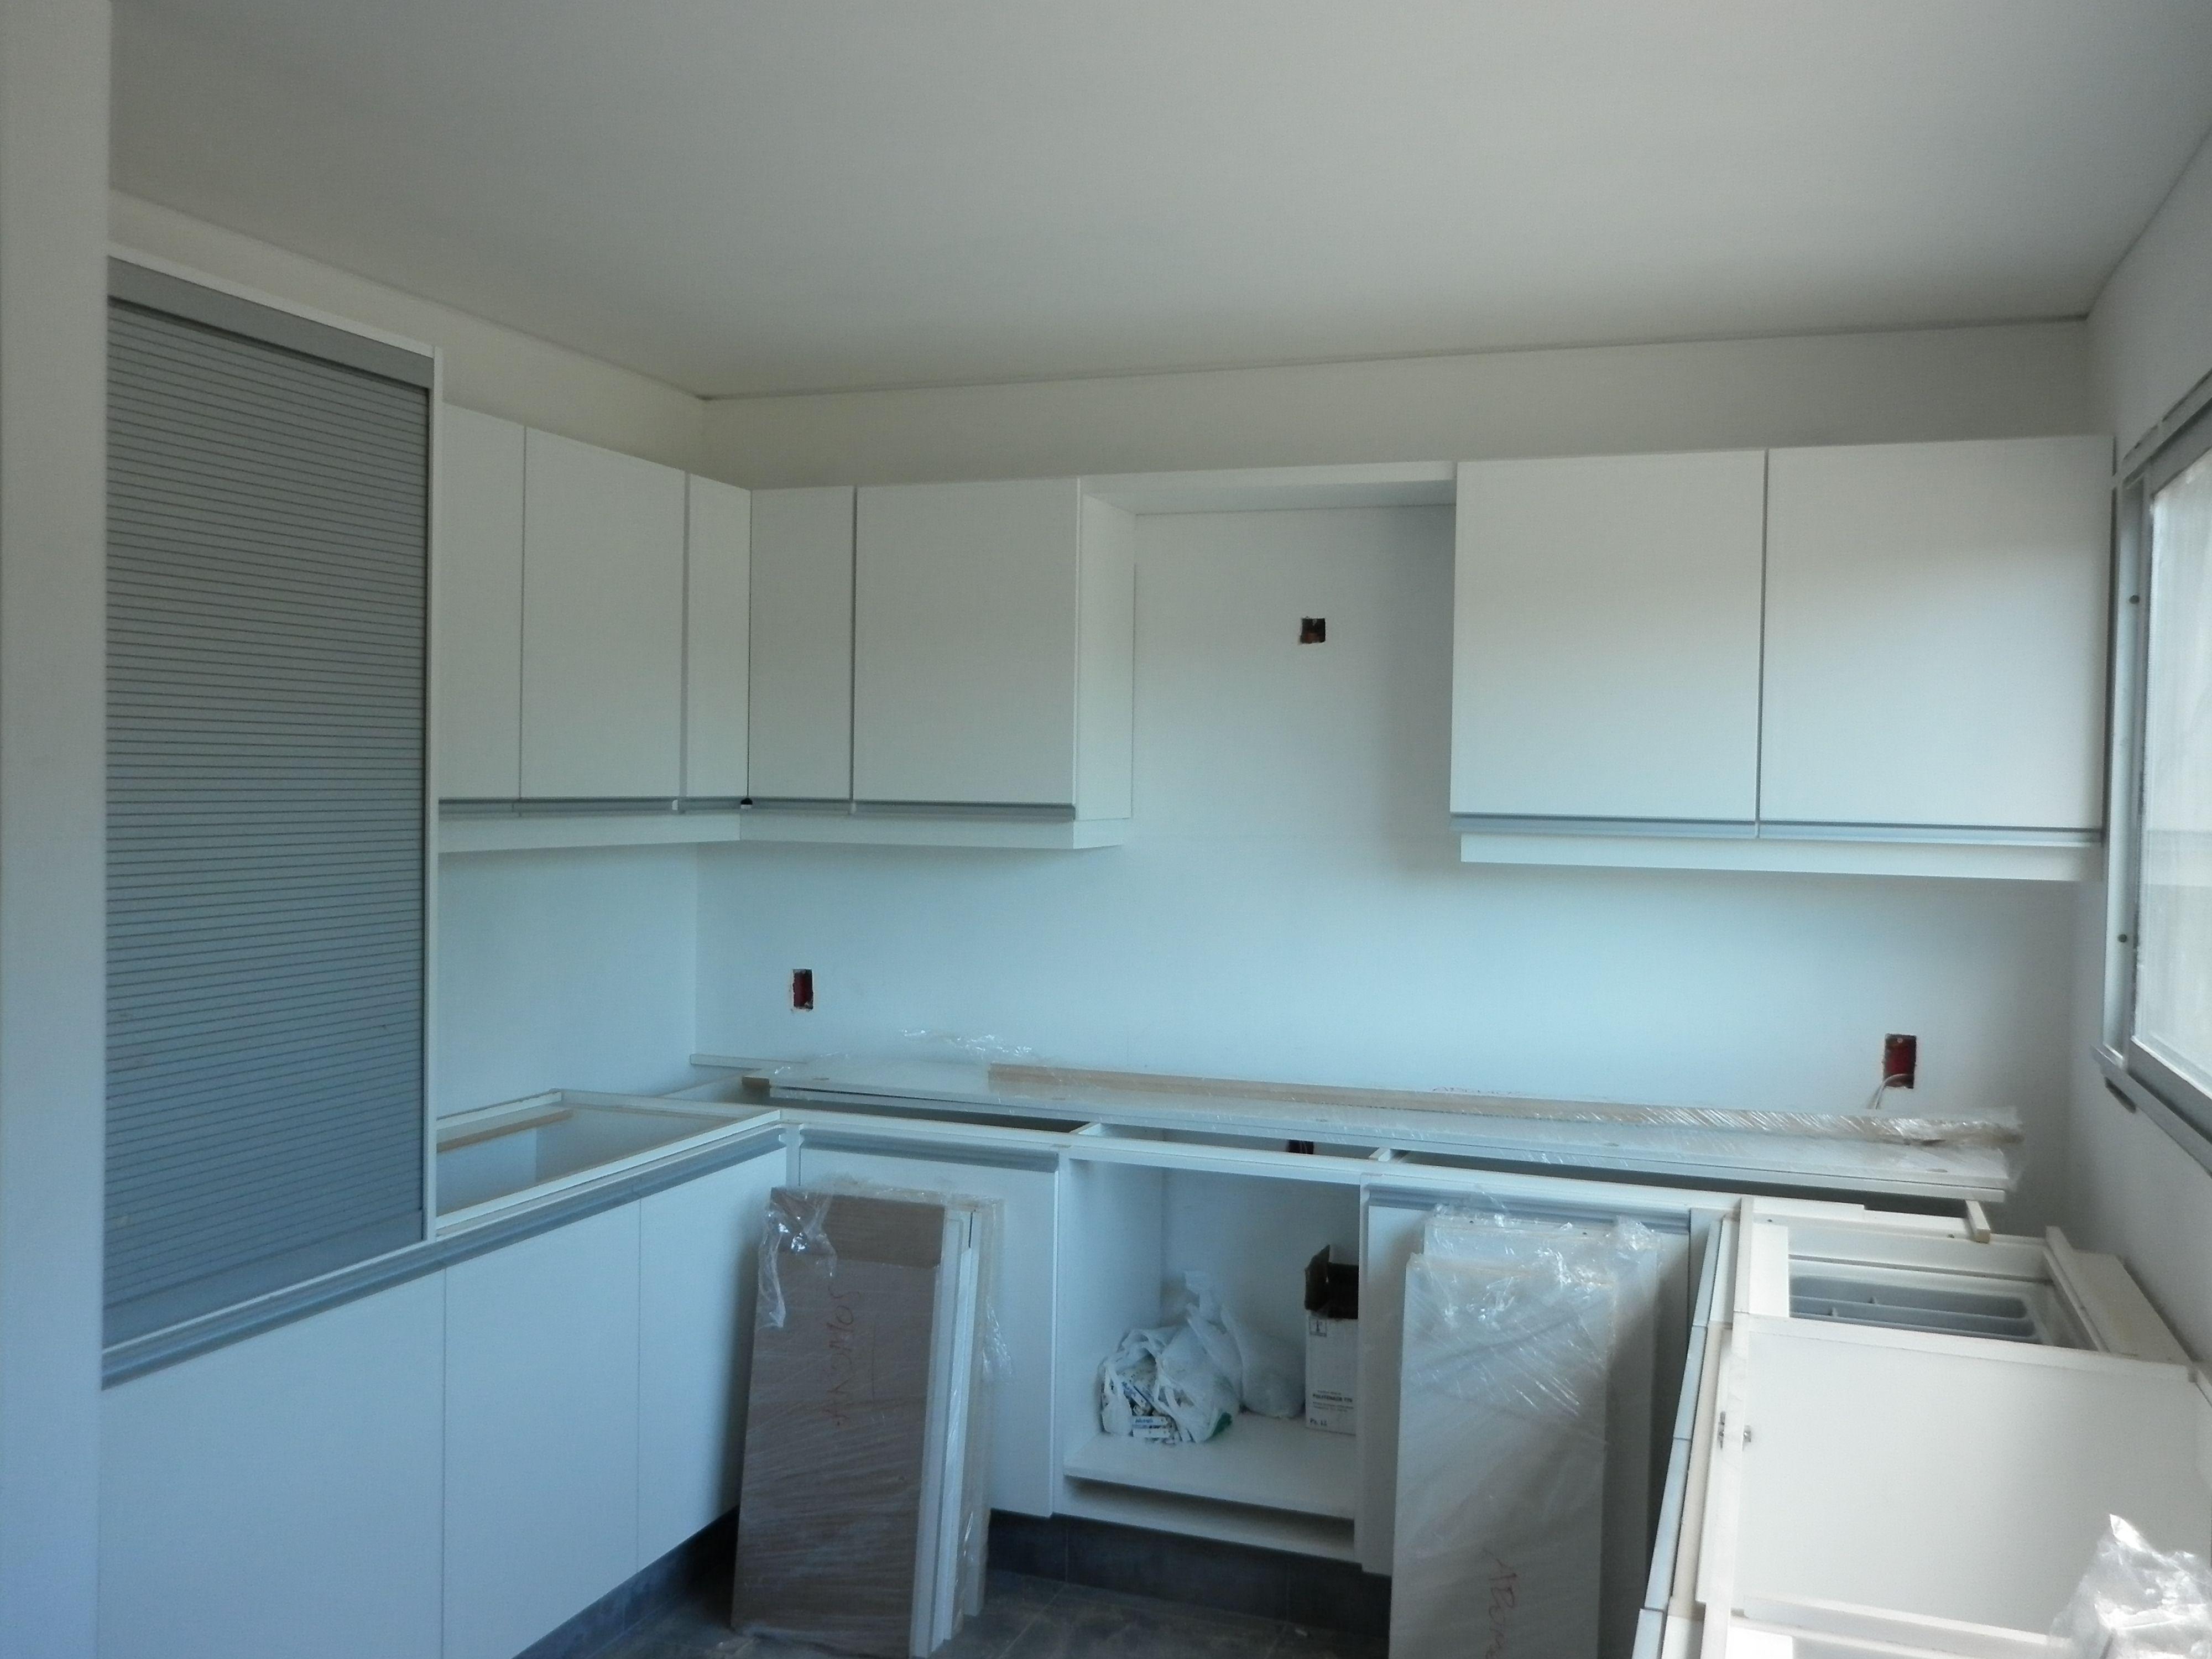 Perfiles De Aluminio Para Muebles De Cocina : Grupo rlos cina en proceso muebles blancos con